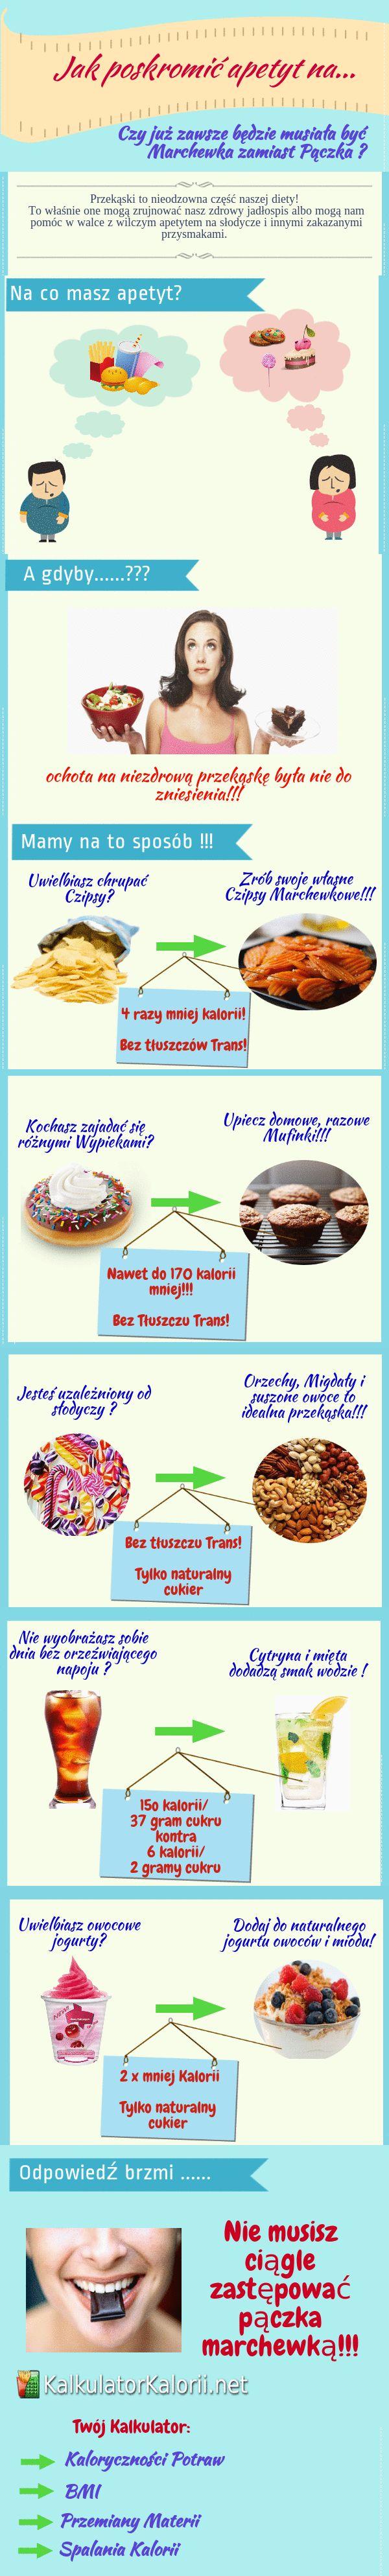 Marchewka zamiast Pączka, czyli jak poskromić apetyt na niezdrowe przekąski